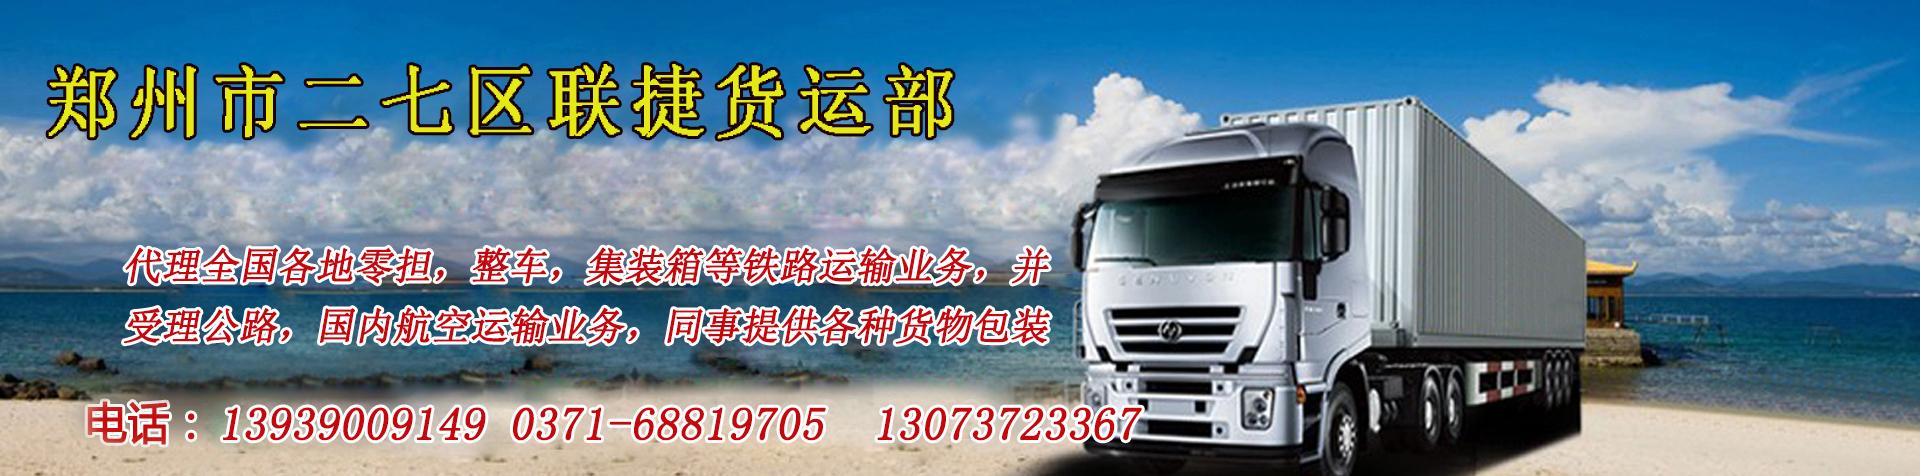 郑州市二七区联捷货运部:有大、中、小型接送货物车辆。代理全国各地零担,整车,集装箱等铁路运输业务,并受理公路,国内航空运输业务,同时提供各种货物包装。经营中遵循诚信为本、客户至上、合作互利的经营理念,努力为客户提供满意超值的服务,从而赢得客户的广泛信赖与支持,促进了郑州物流快速健康发展。 系新型的以优质服务见长的专业正规物流,善长于通过不同的货物运输方式组合将客户的货物安全、快捷、准时.经济的送达目的地。通达物流从业人员有多年的物流行业服务经验,熟悉郑州货运市场行情,能够代理航空快件、行包,全省及全国公路